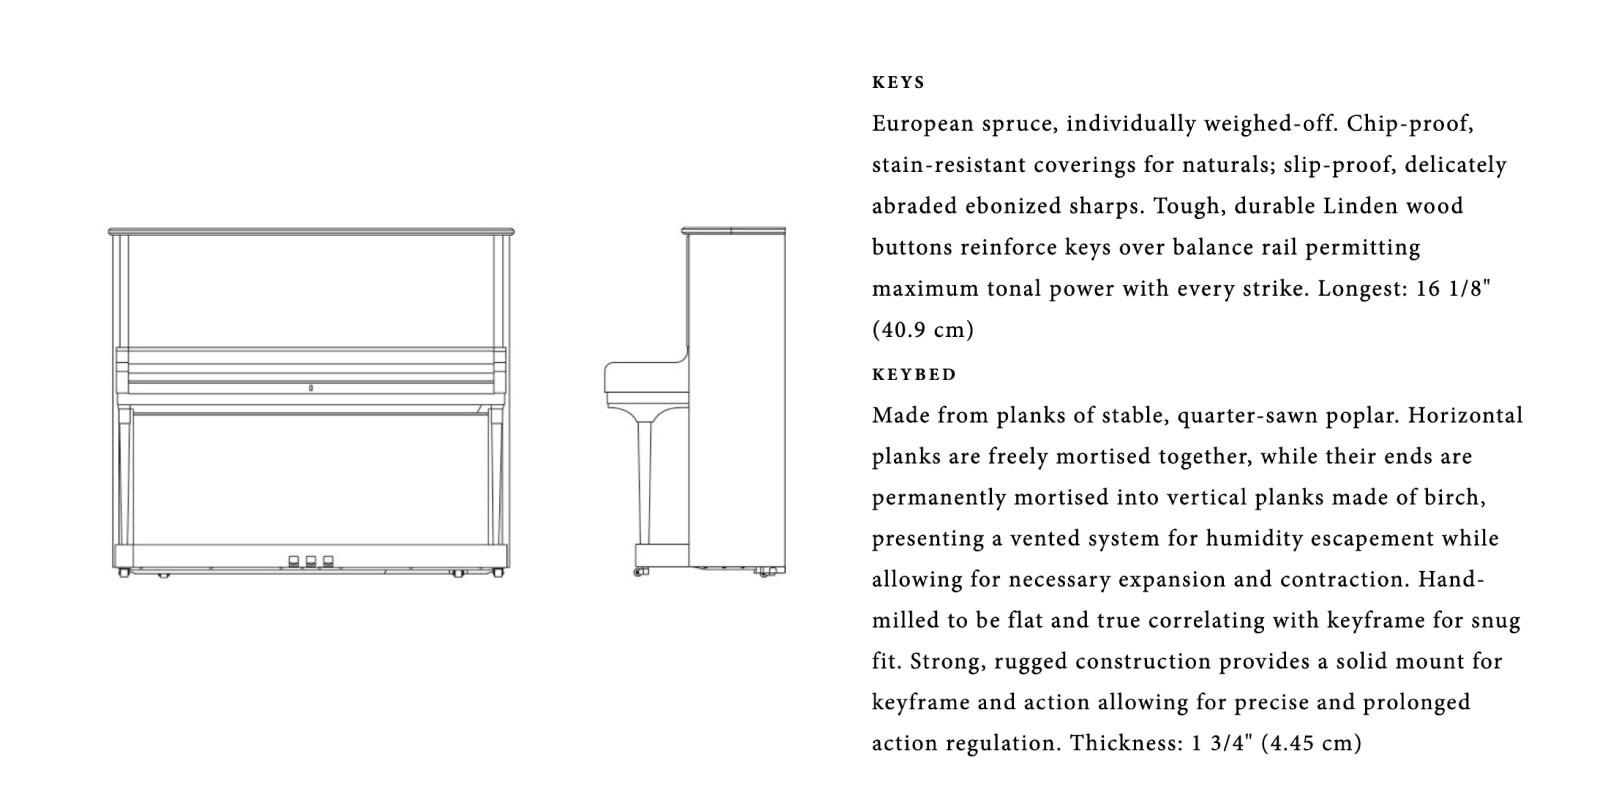 PP-Steinway-MODEL-K-Details-4.jpg